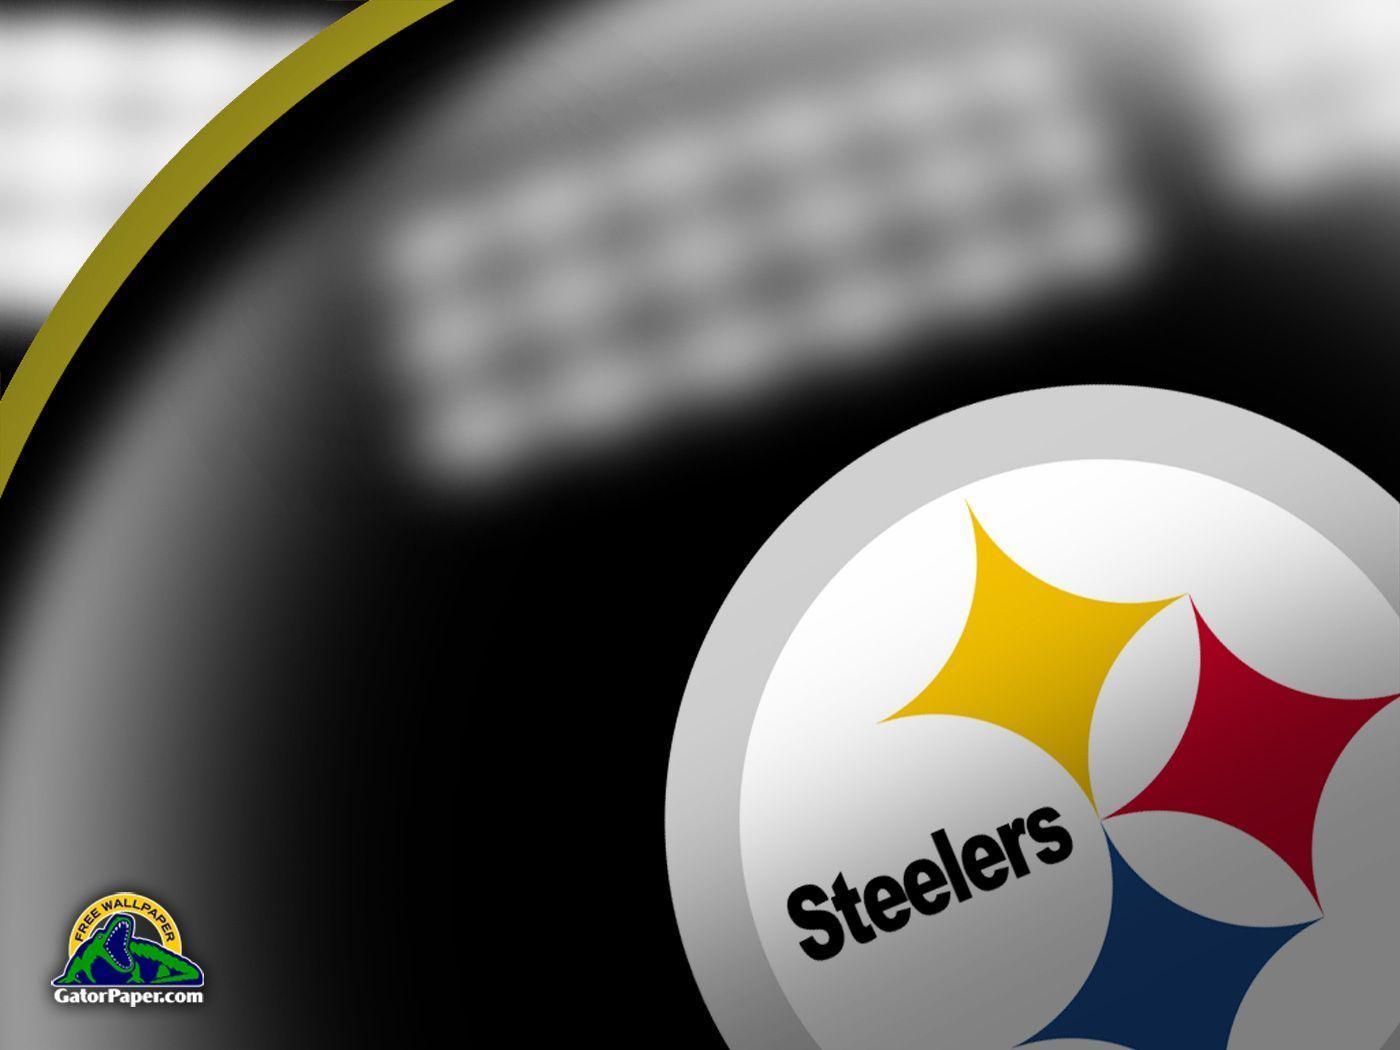 Pittsburgh Steelers Helmet | GatorPaper - Free Sports Desktop ...